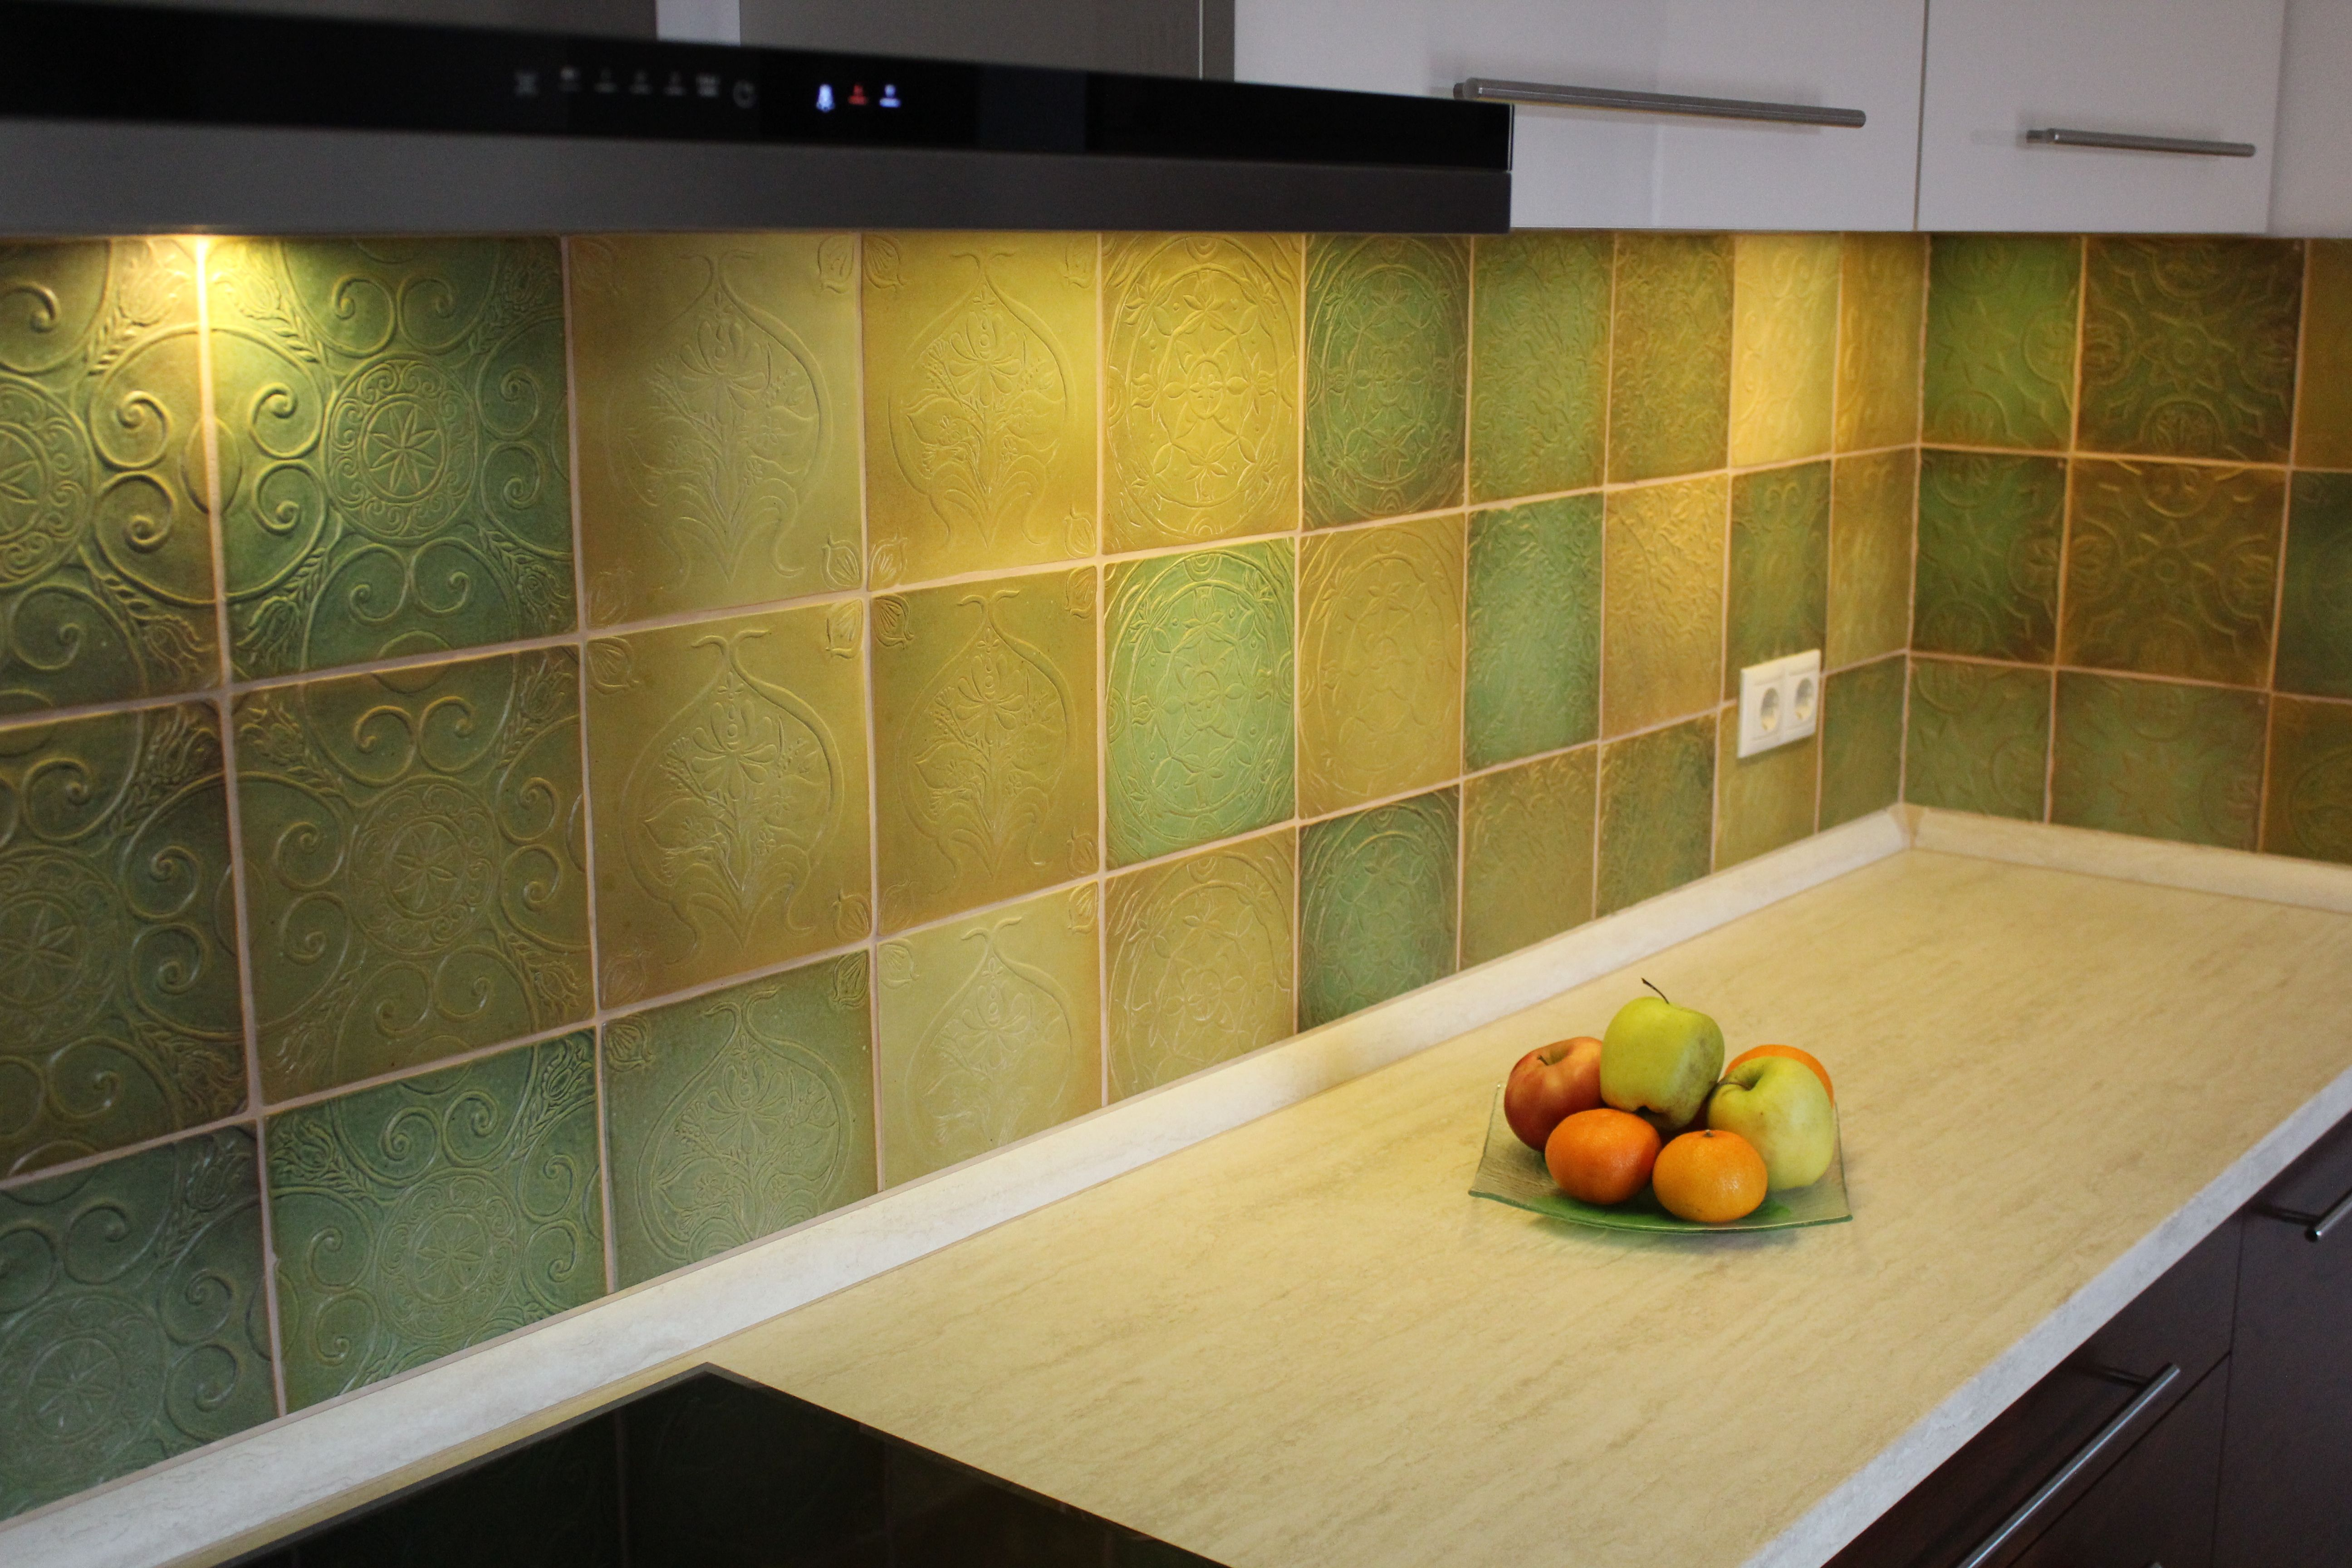 Green kitchen wall - handmade tiles | Konyhai hátfal lehetőségek ...